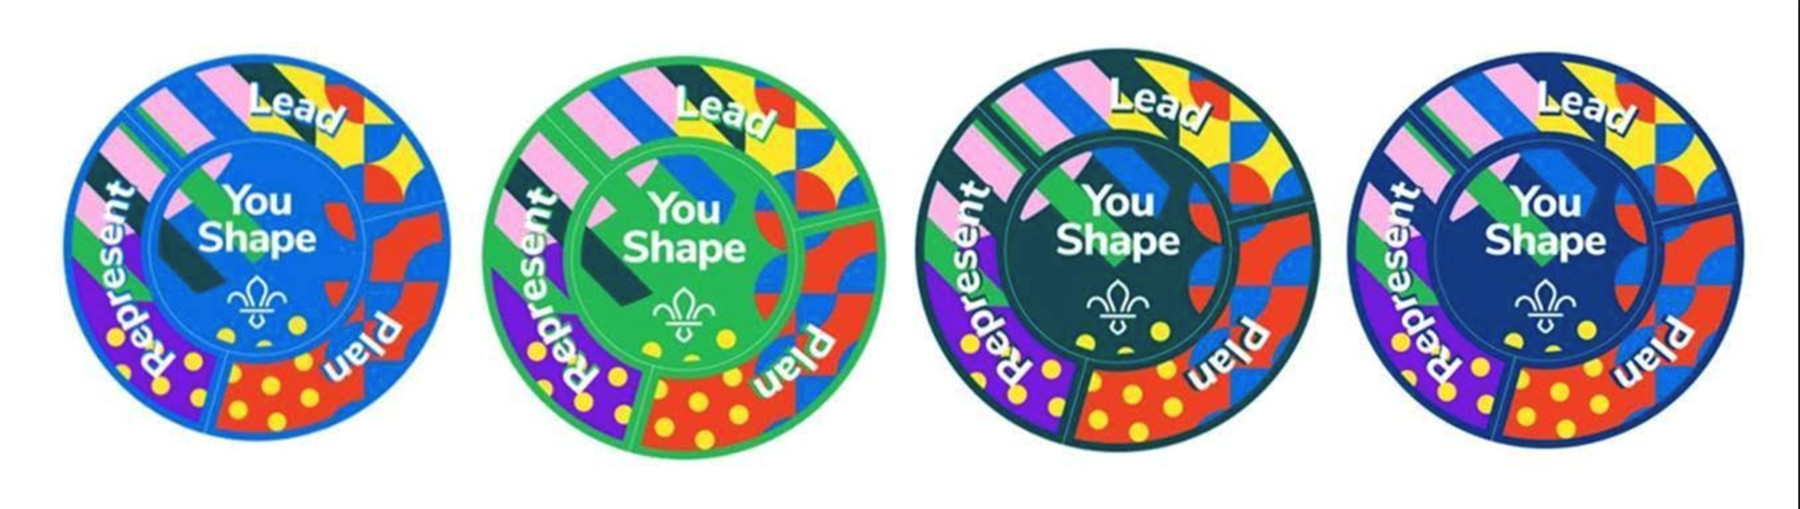 YouShape badges